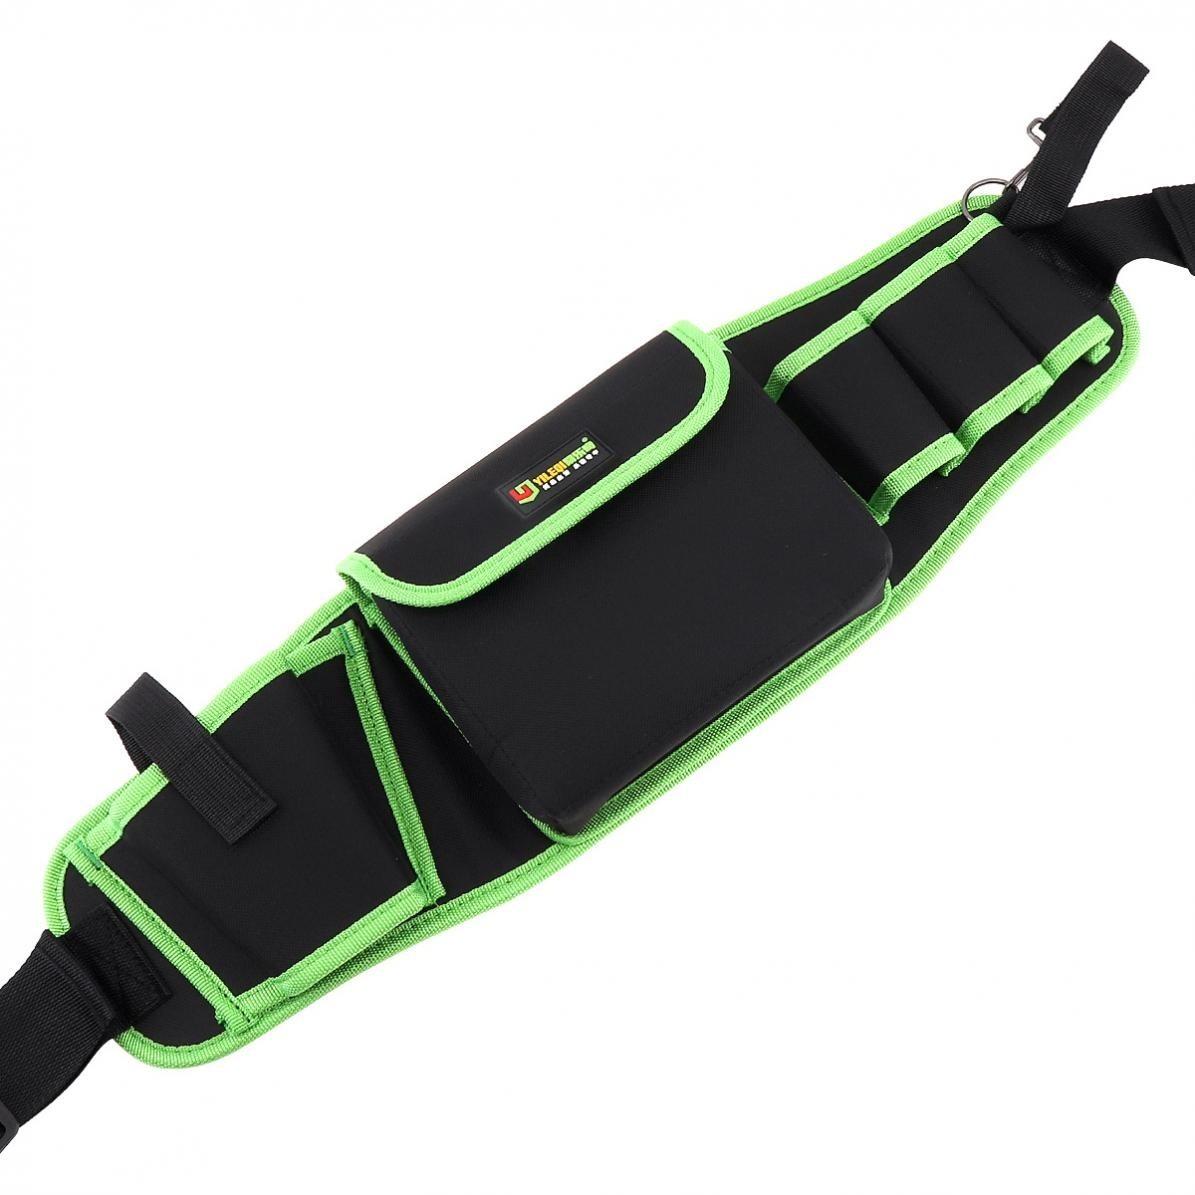 新品 ウエストツールバッグ 工具入れ 工具差し 腰袋 工具収納 多機能 道具袋 オックスフォード 防水 サイズ調整 4穴1ポケット DIY 黒 緑_画像4